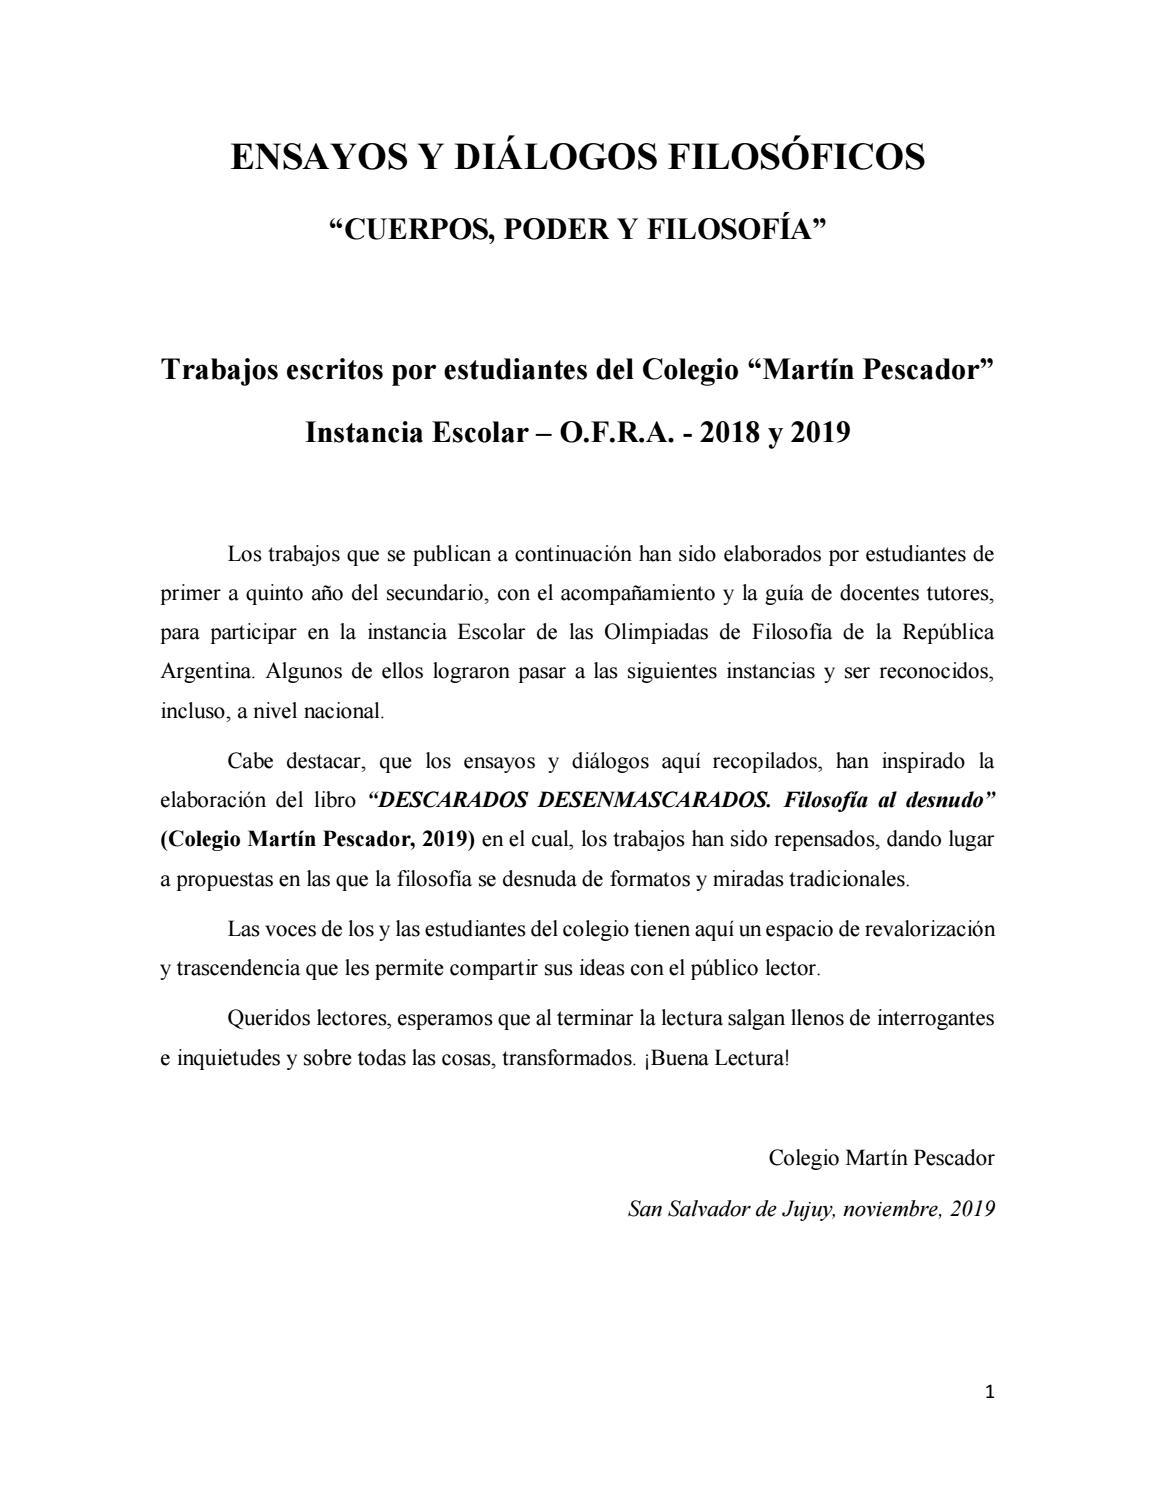 Ensayos Y Dialogos Filosoficos Cuerpos Poder Y Filosofia By Colegio Martin Pescador Secundario Issuu